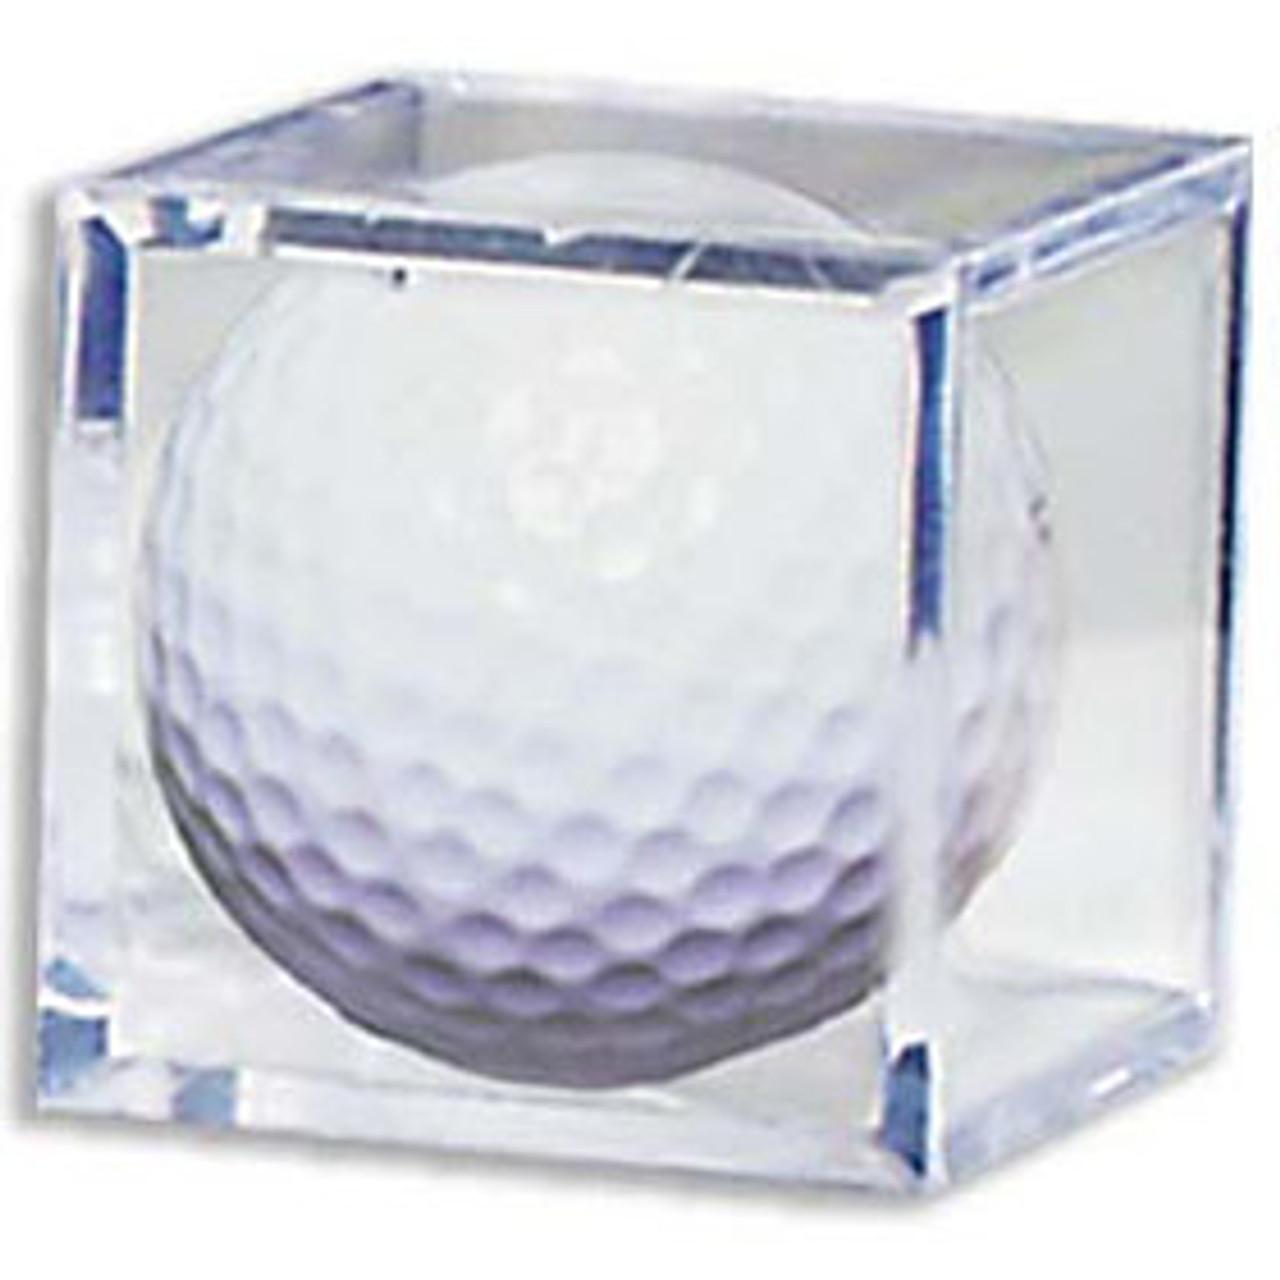 Square Golf Ball Holder (6 pack)